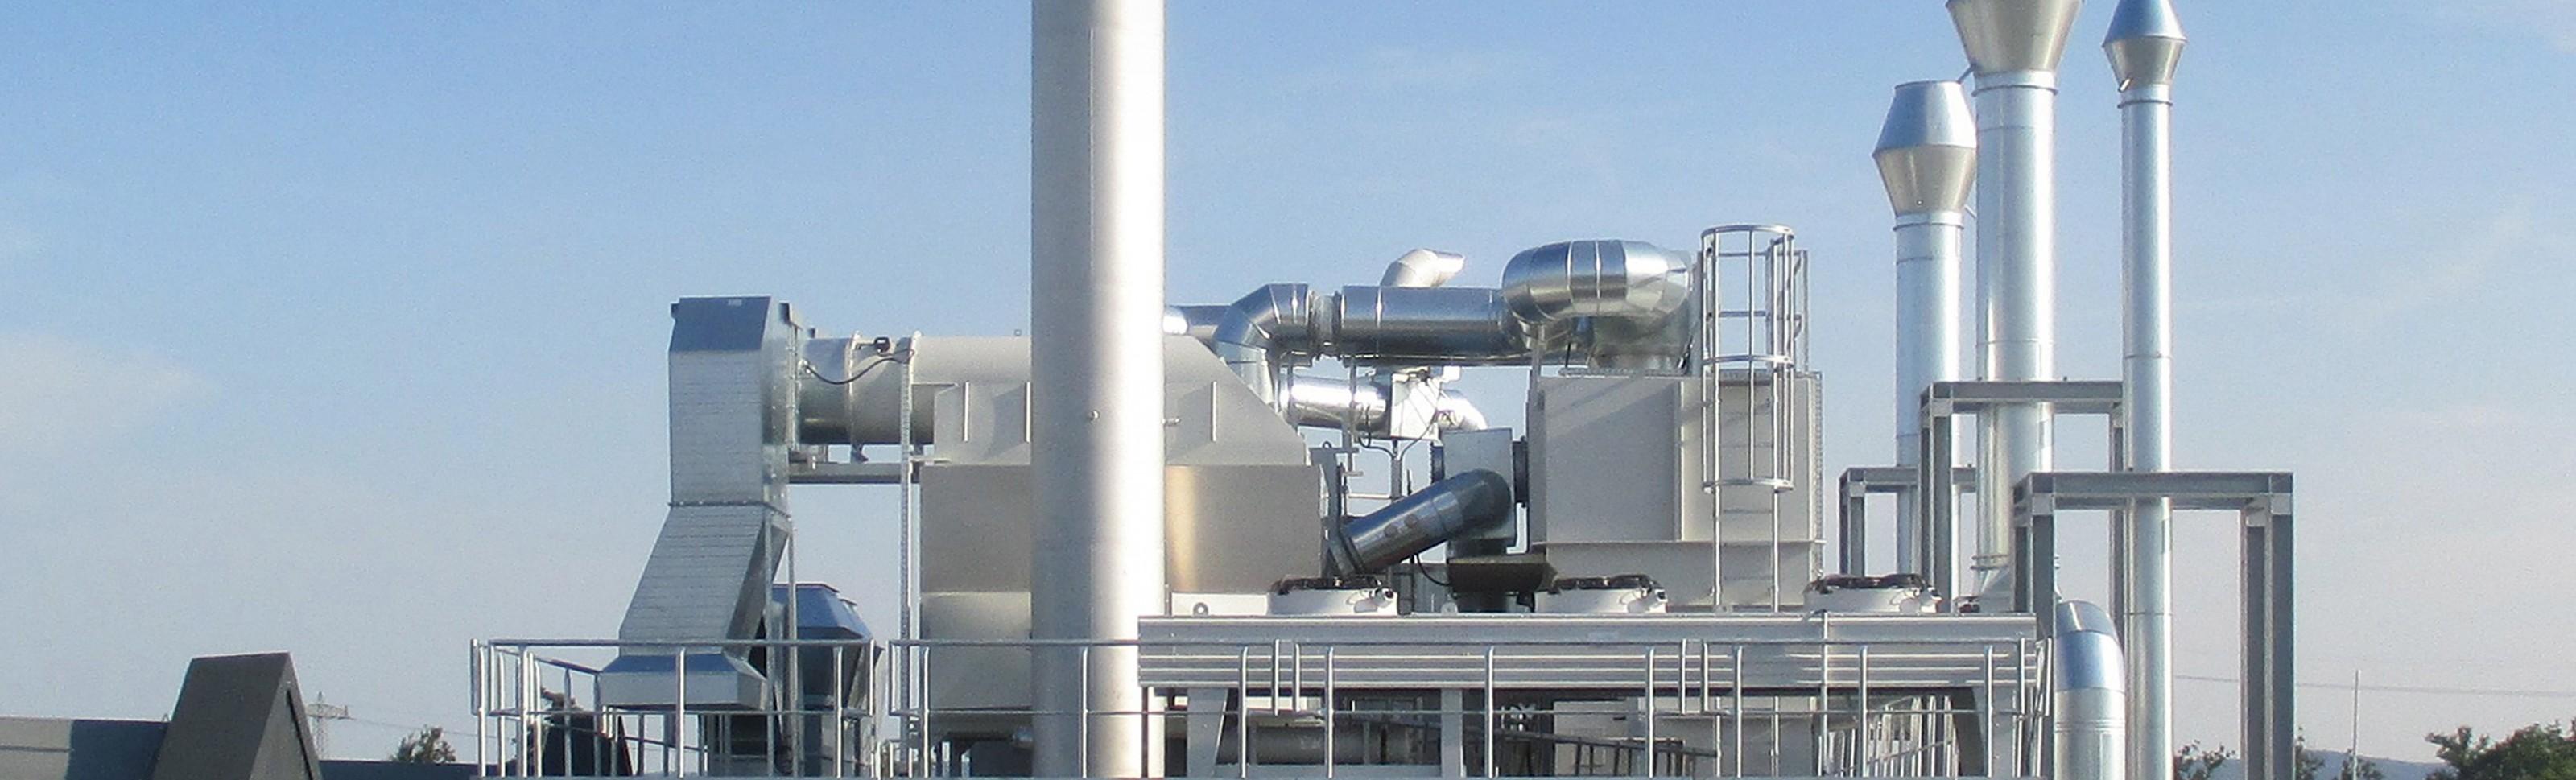 Energierückgewinnungsanlage